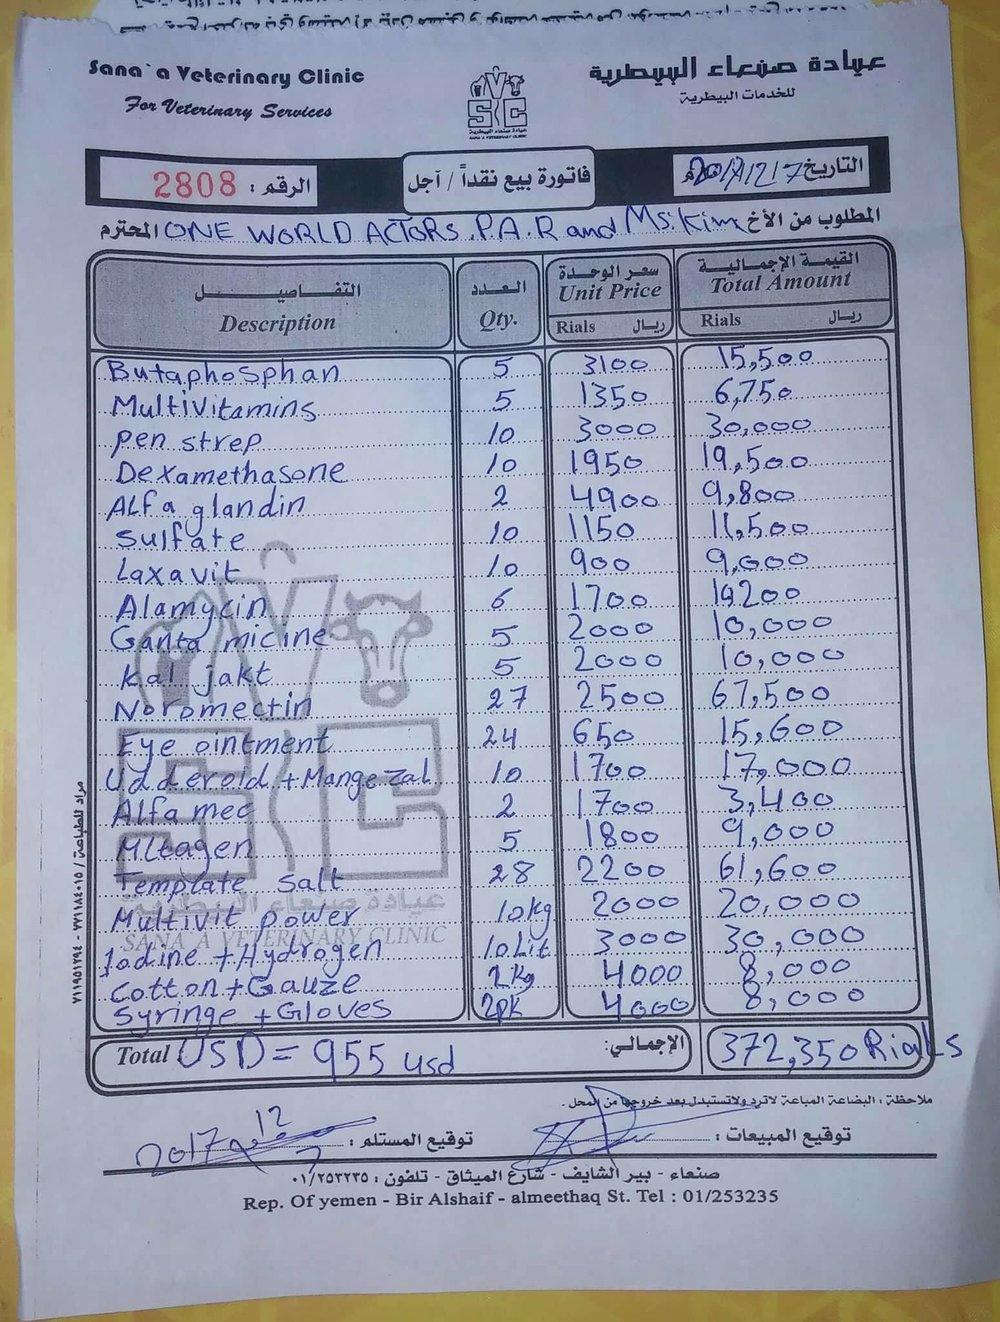 dhamar invoice including vet meds salts 955USD .jpg